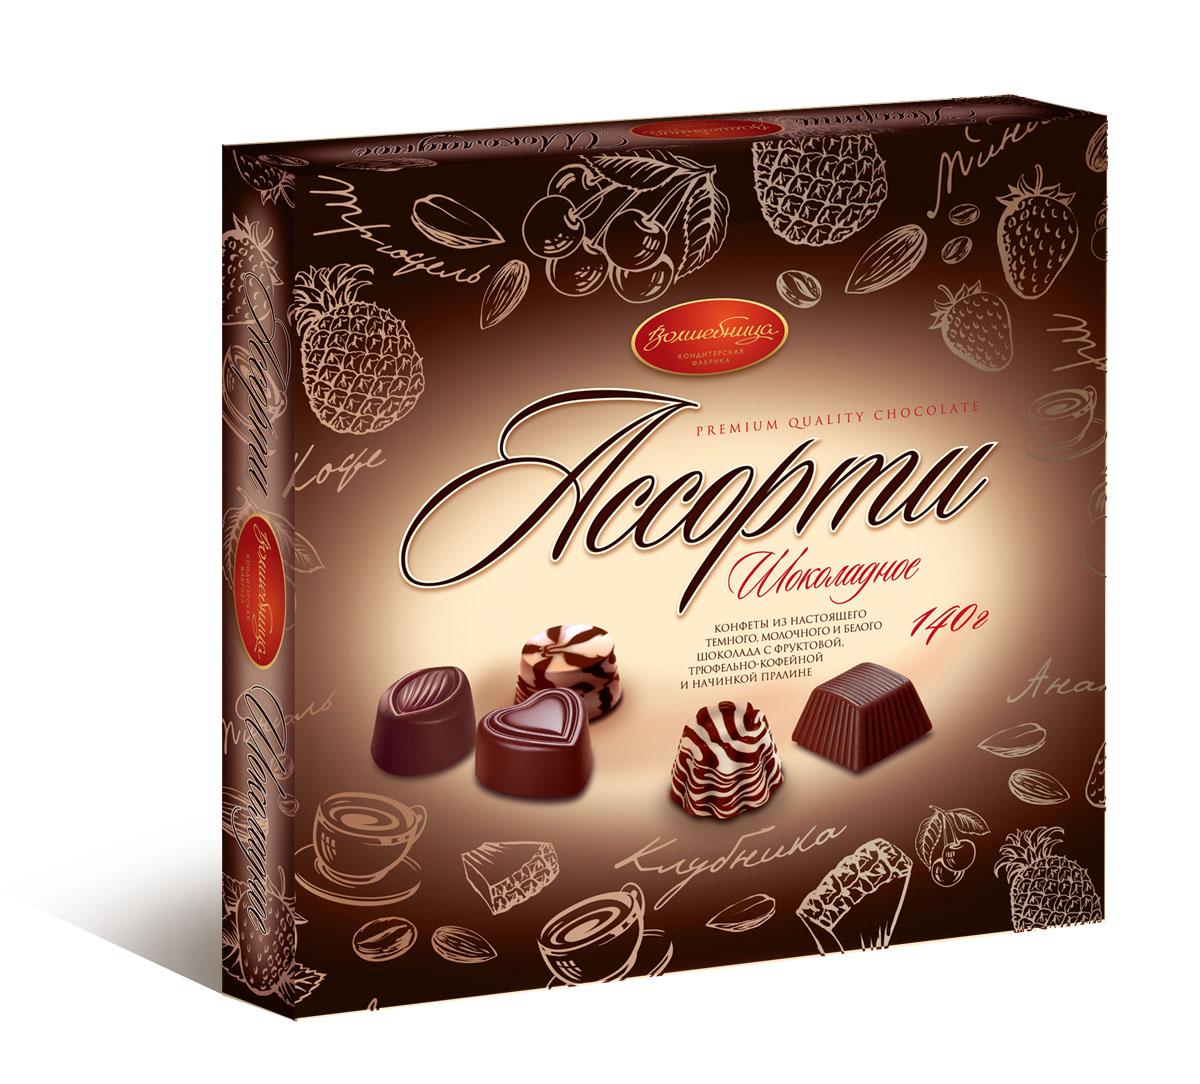 Волшебница конфеты шоколадное ассорти (коричневые), 140 г цена